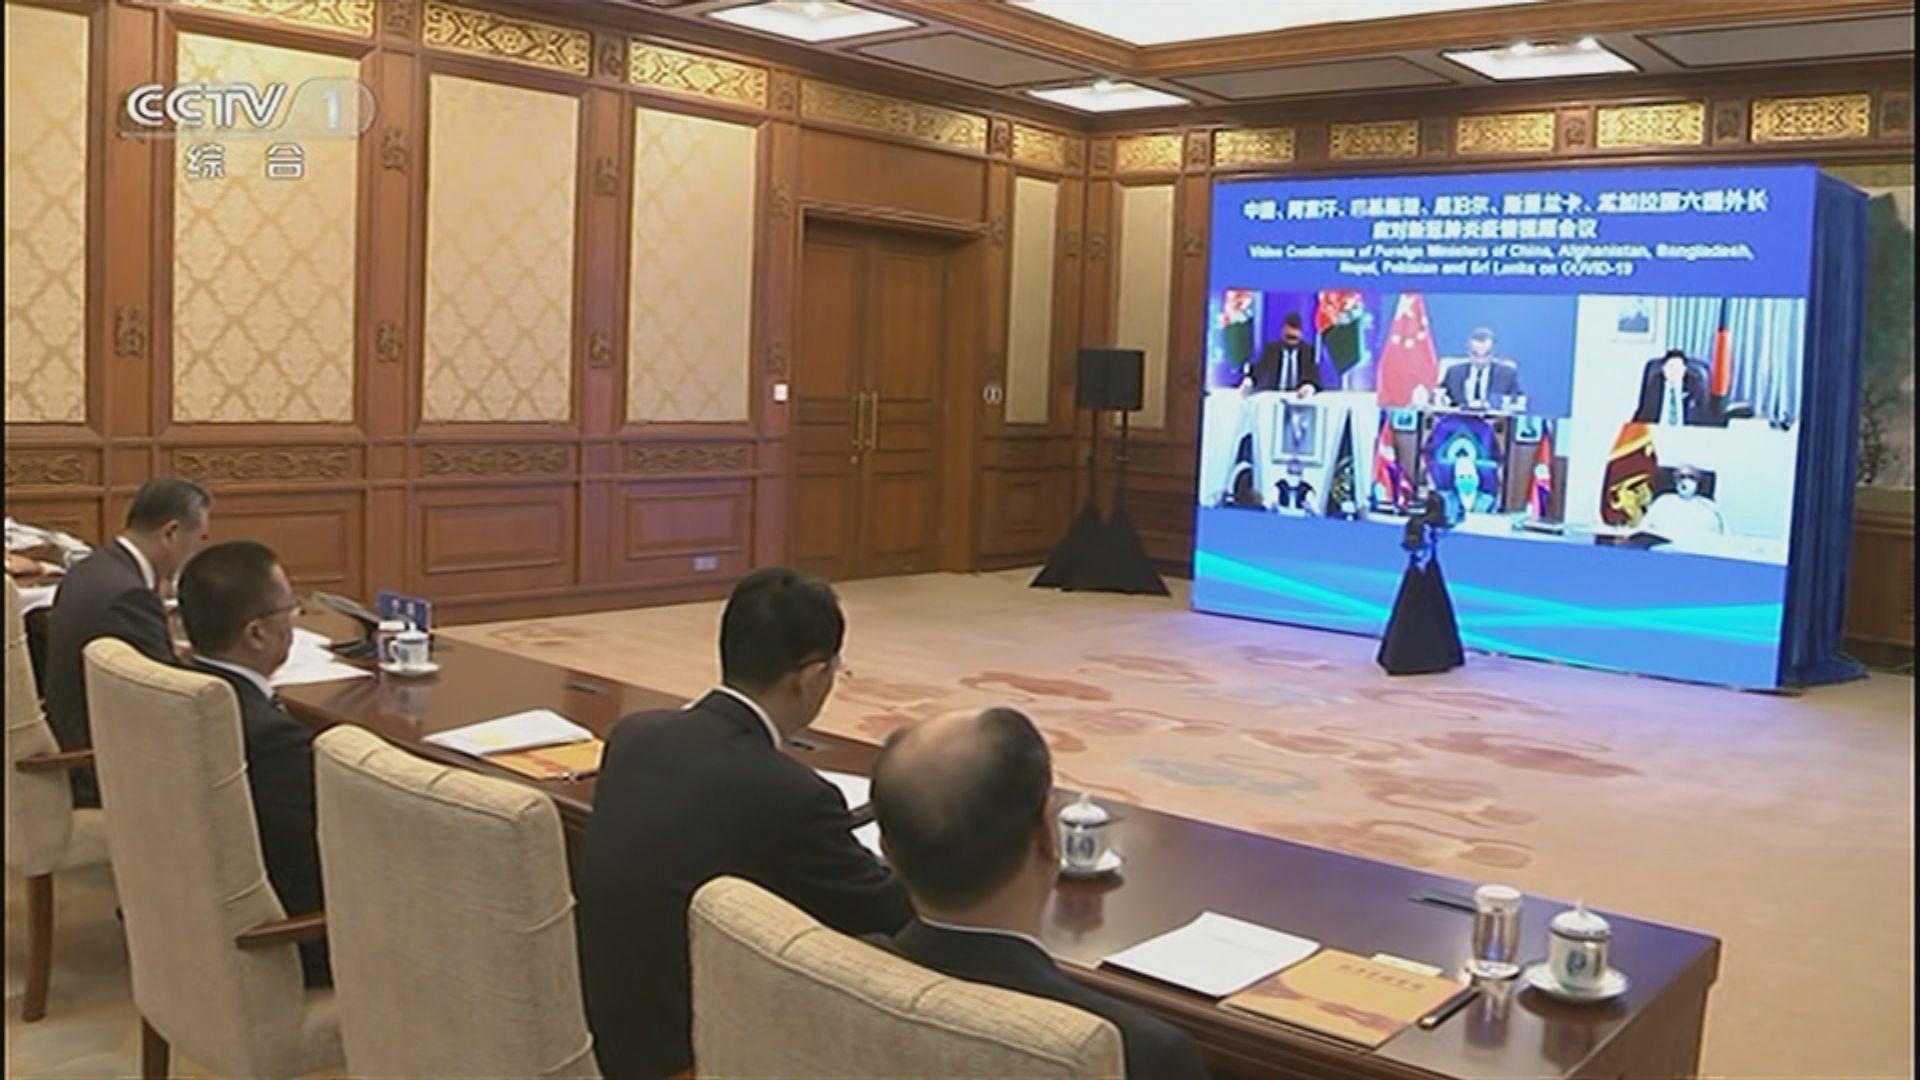 王毅主持六國外長抗疫視像會議